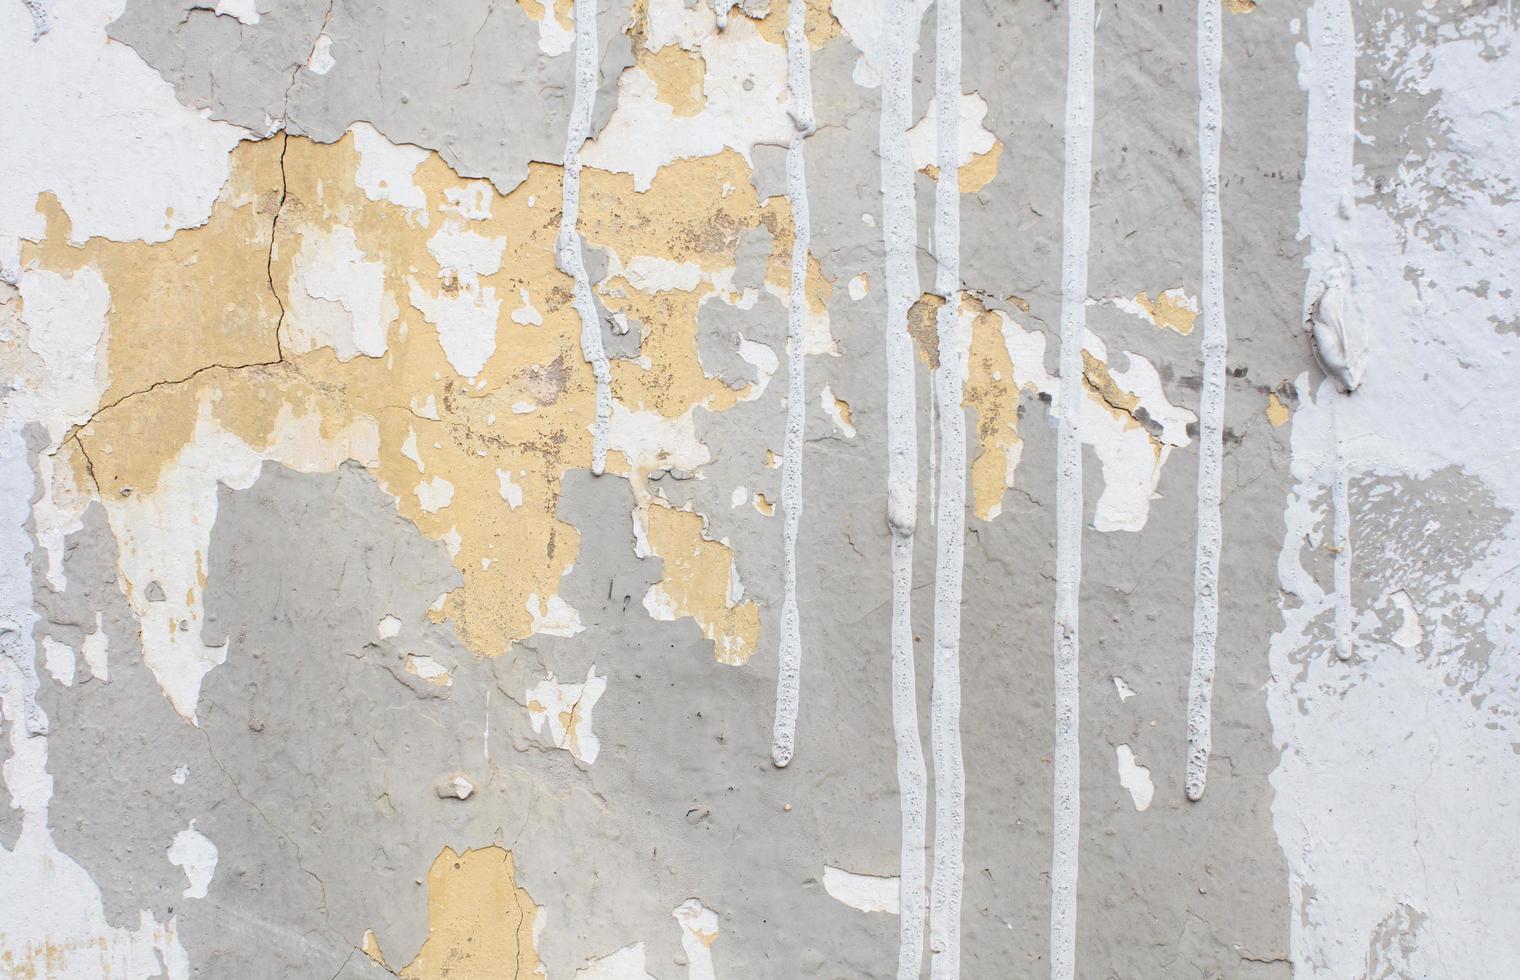 vit färg droppar på en vägg foto